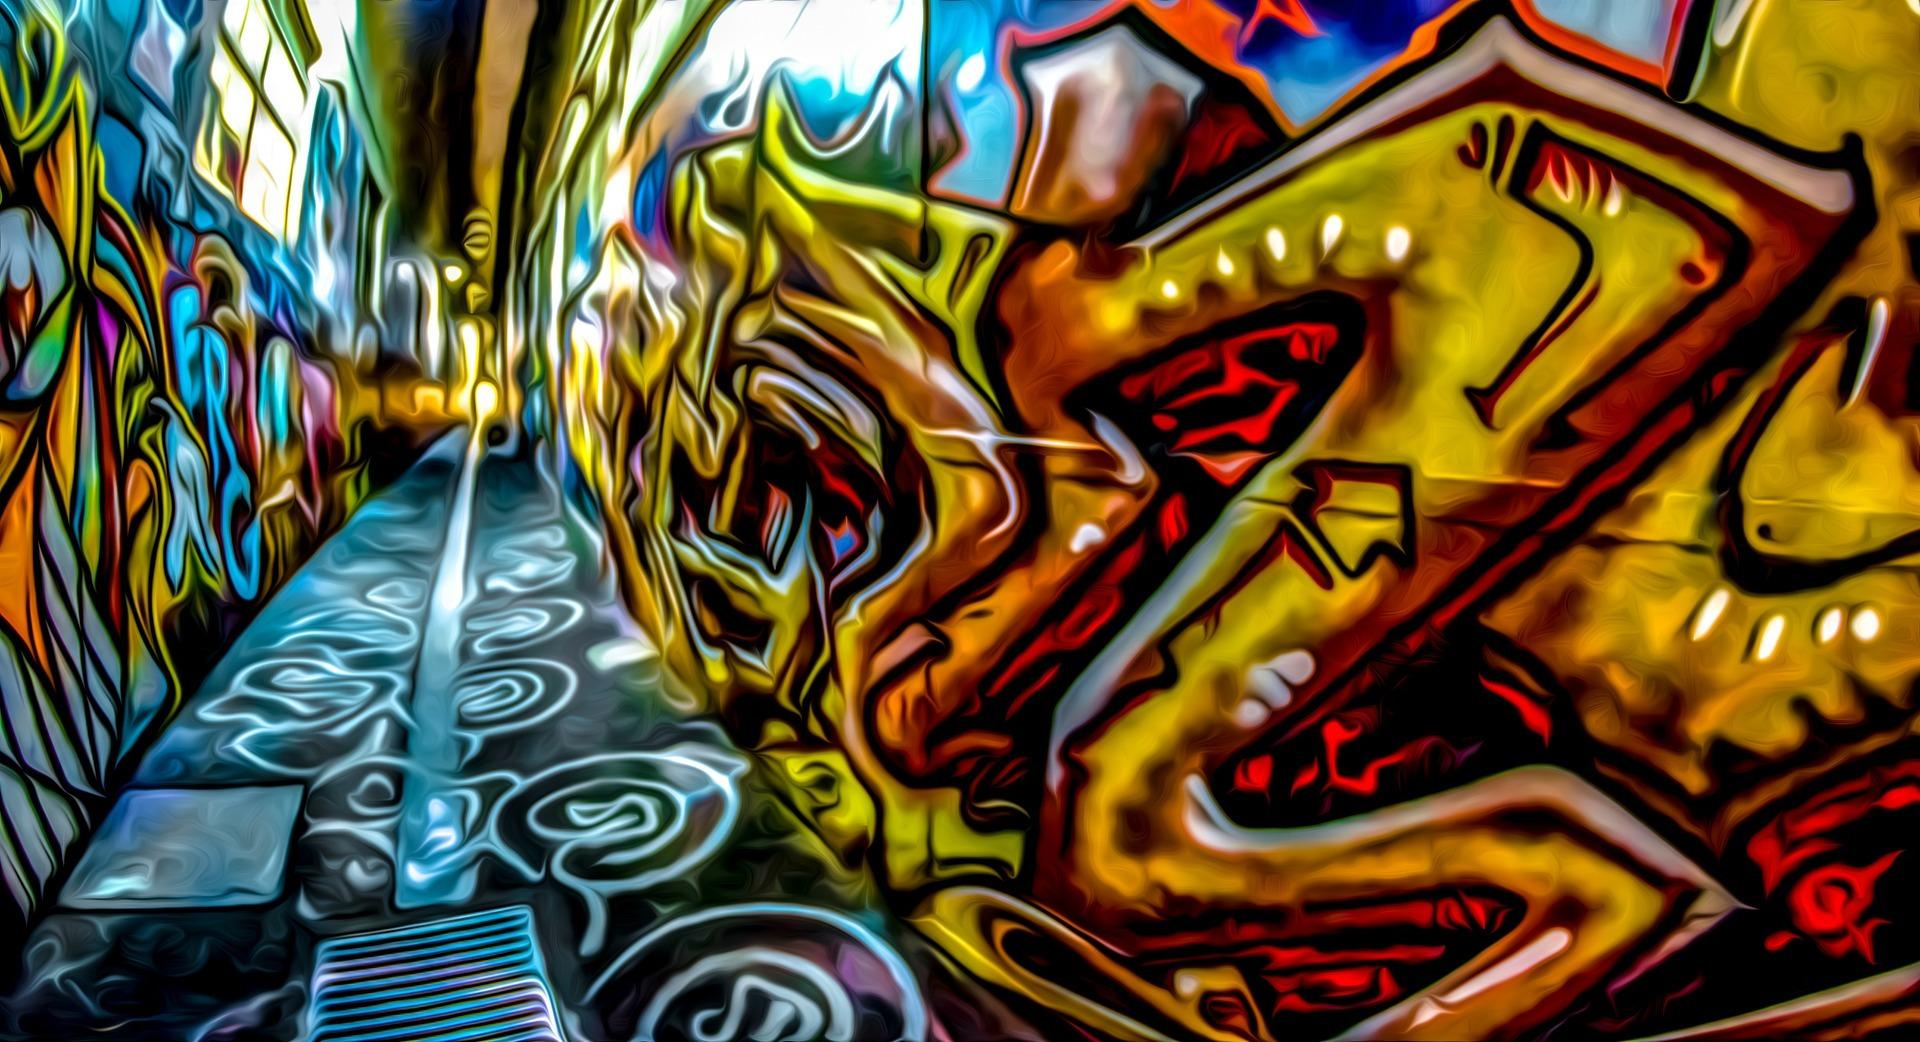 graffiti art wallpaper #17